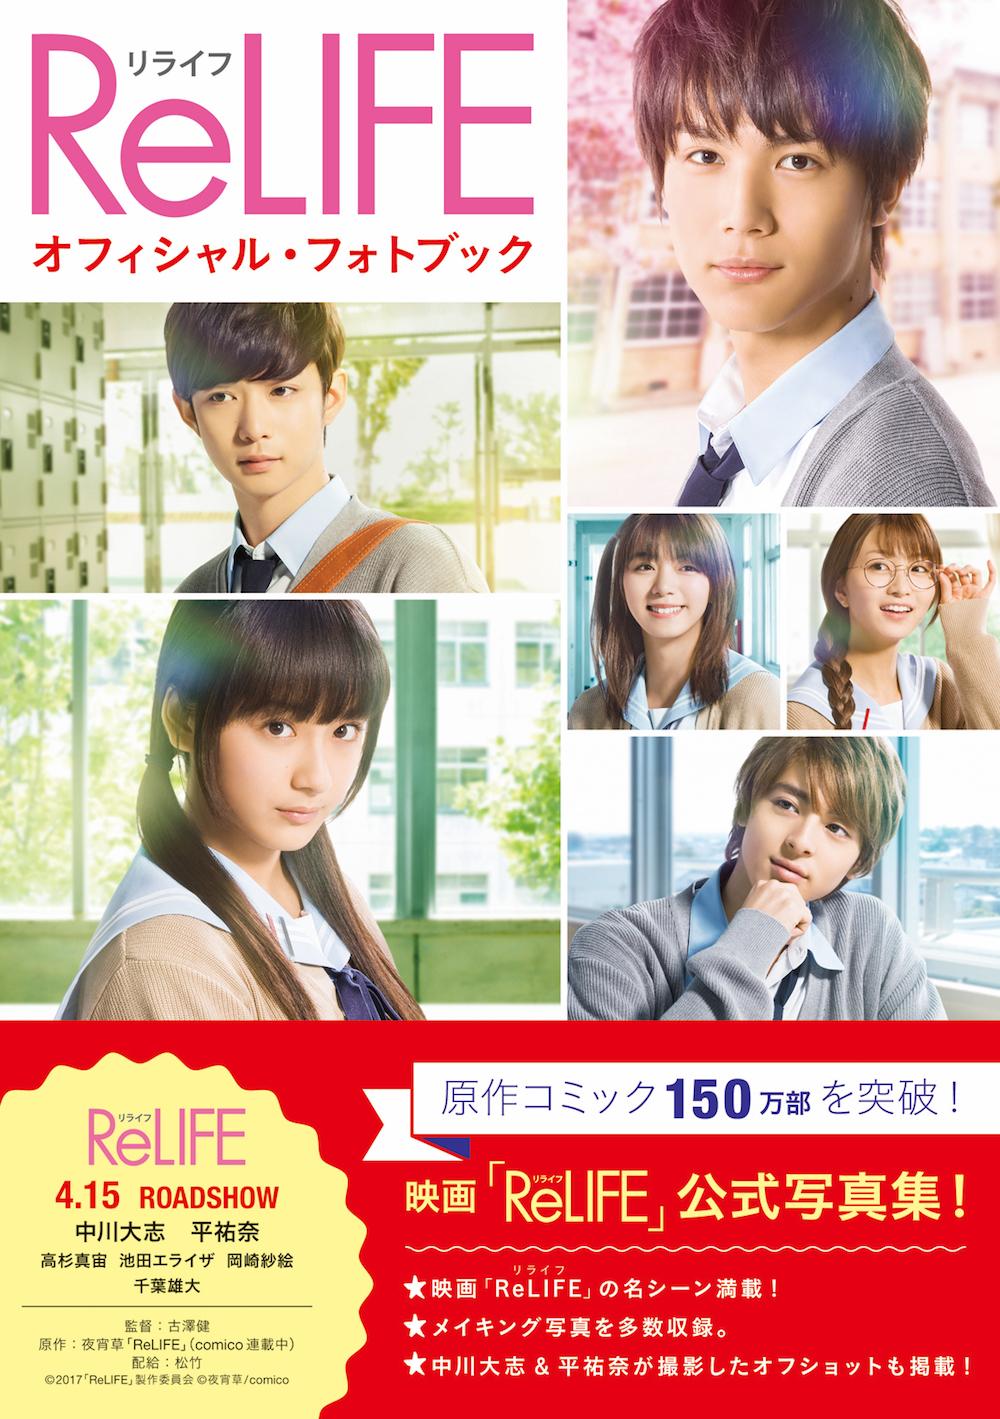 平祐奈 & 中川大志 主演!映画「ReLIFE」(リライフ)